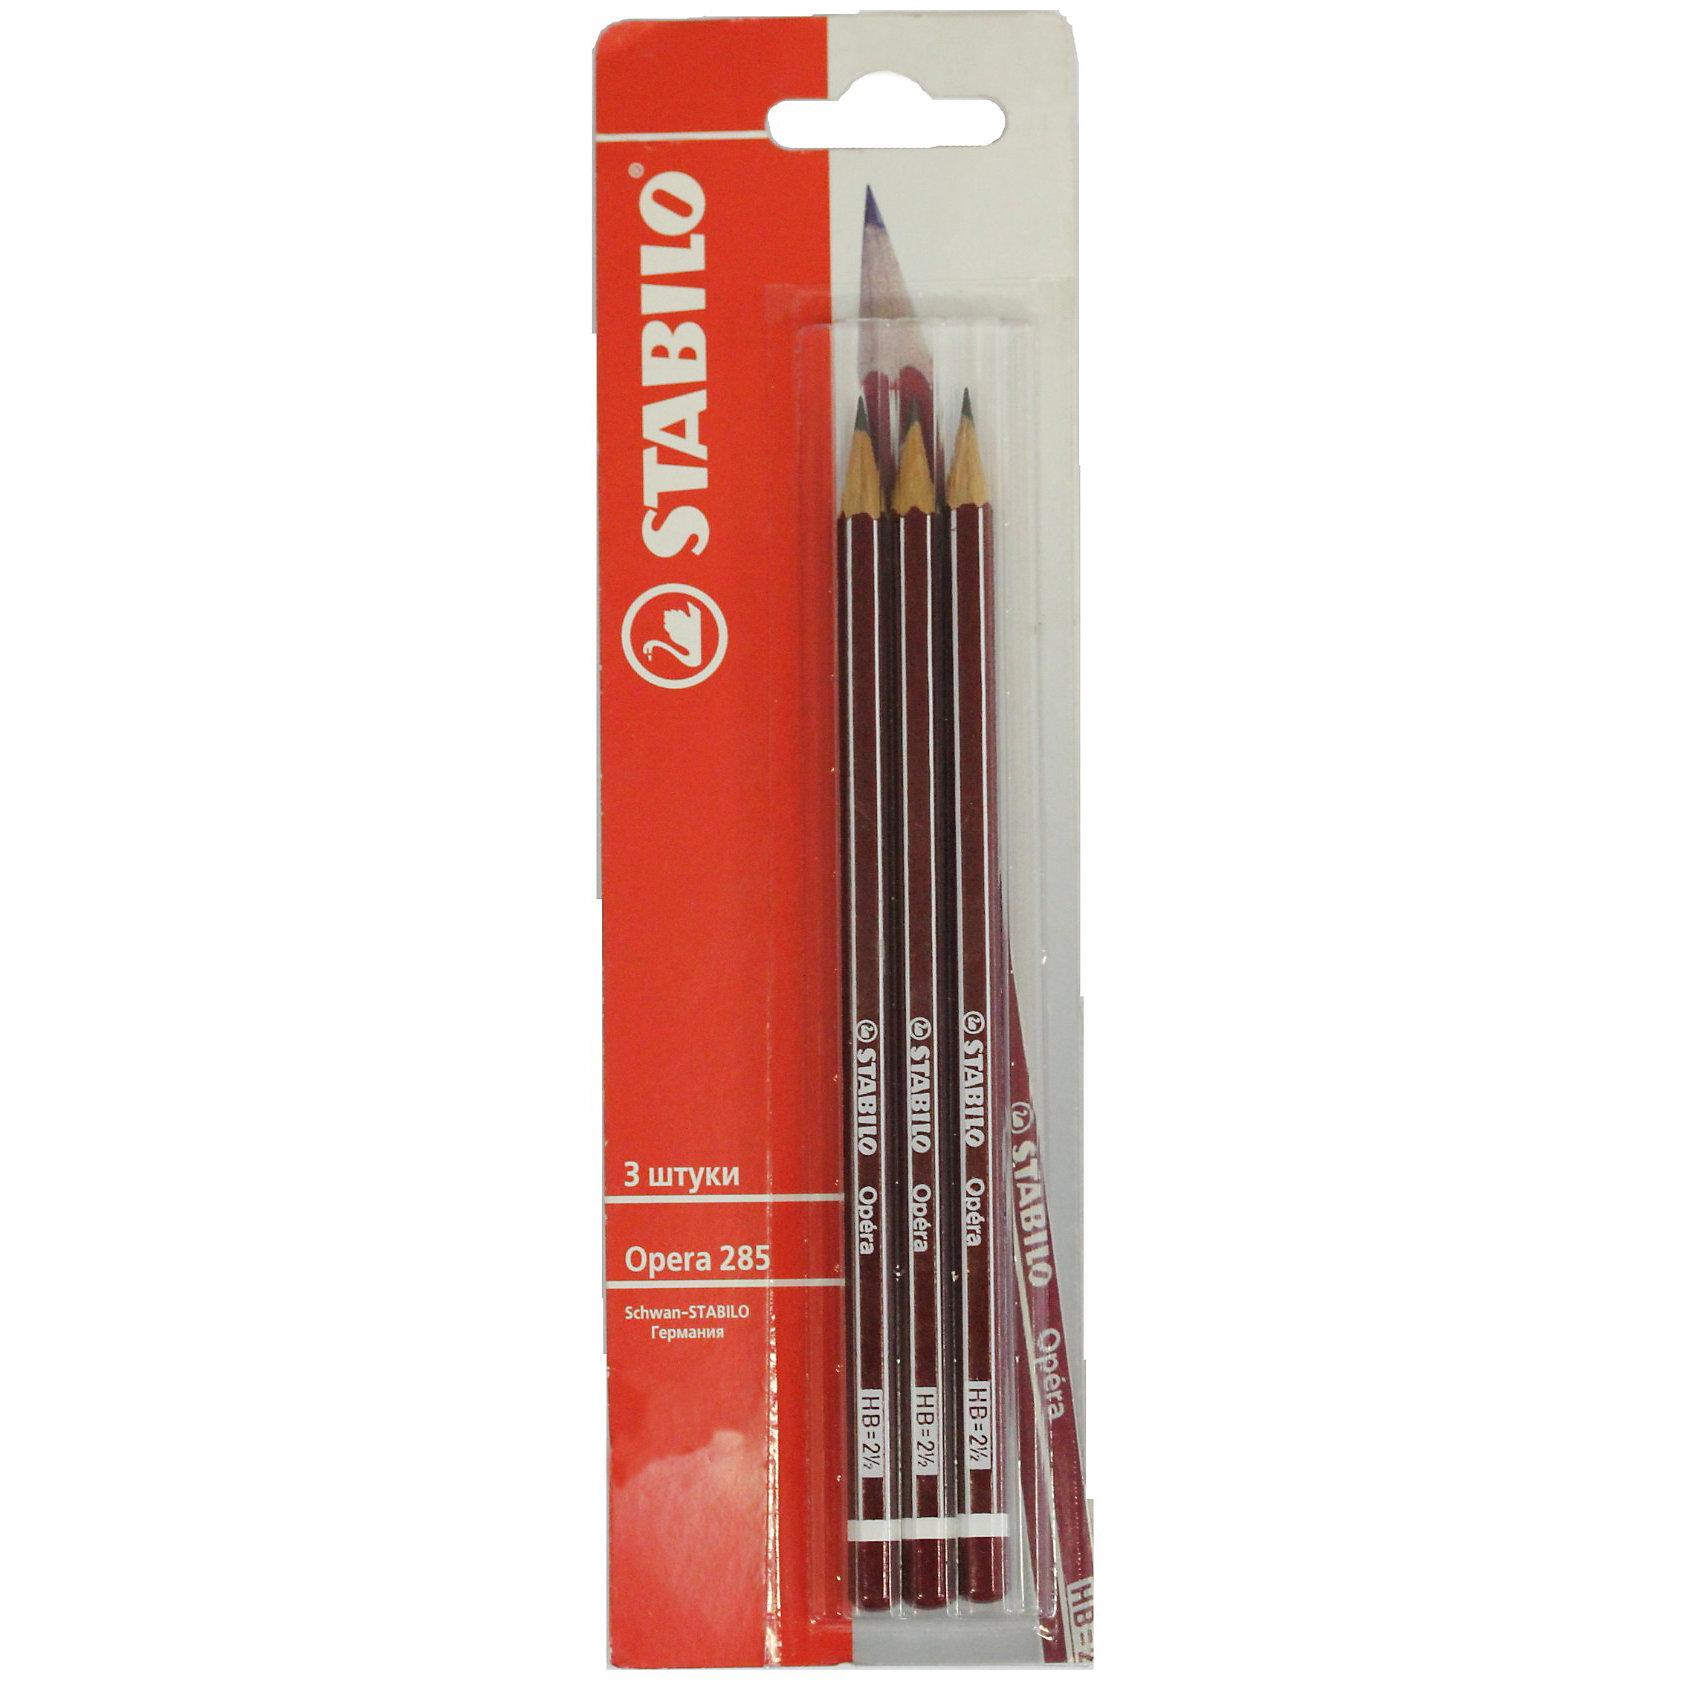 STABILO Opera Карандаши чернографитные, 3штРисование<br>Stabilo Opera набор чернографитных карандашей 3 шт. в блистере.<br>Карандаш высокого качества (HB). Не ломается при письме и затачивании.  Лакированную  поверхность карандаша приятно держать в руках. Стильный, узнаваемый дизайн с продольными полосами на корпусе.<br><br>Ширина мм: 295<br>Глубина мм: 245<br>Высота мм: 160<br>Вес г: 40<br>Возраст от месяцев: 84<br>Возраст до месяцев: 216<br>Пол: Унисекс<br>Возраст: Детский<br>SKU: 3157352